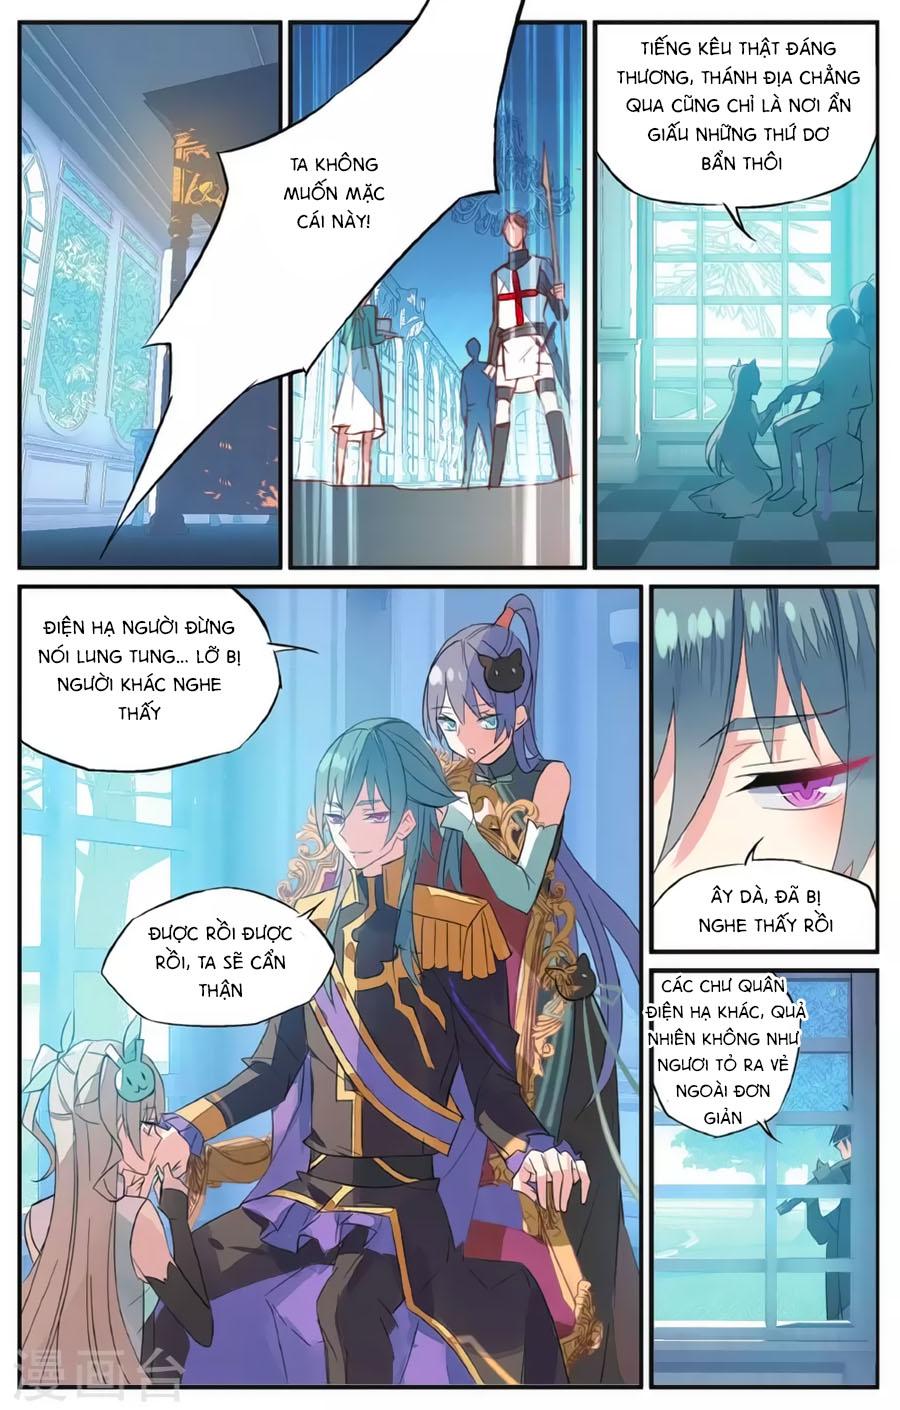 Nữ Nhân Dũng Cảm chap 60 - Trang 8